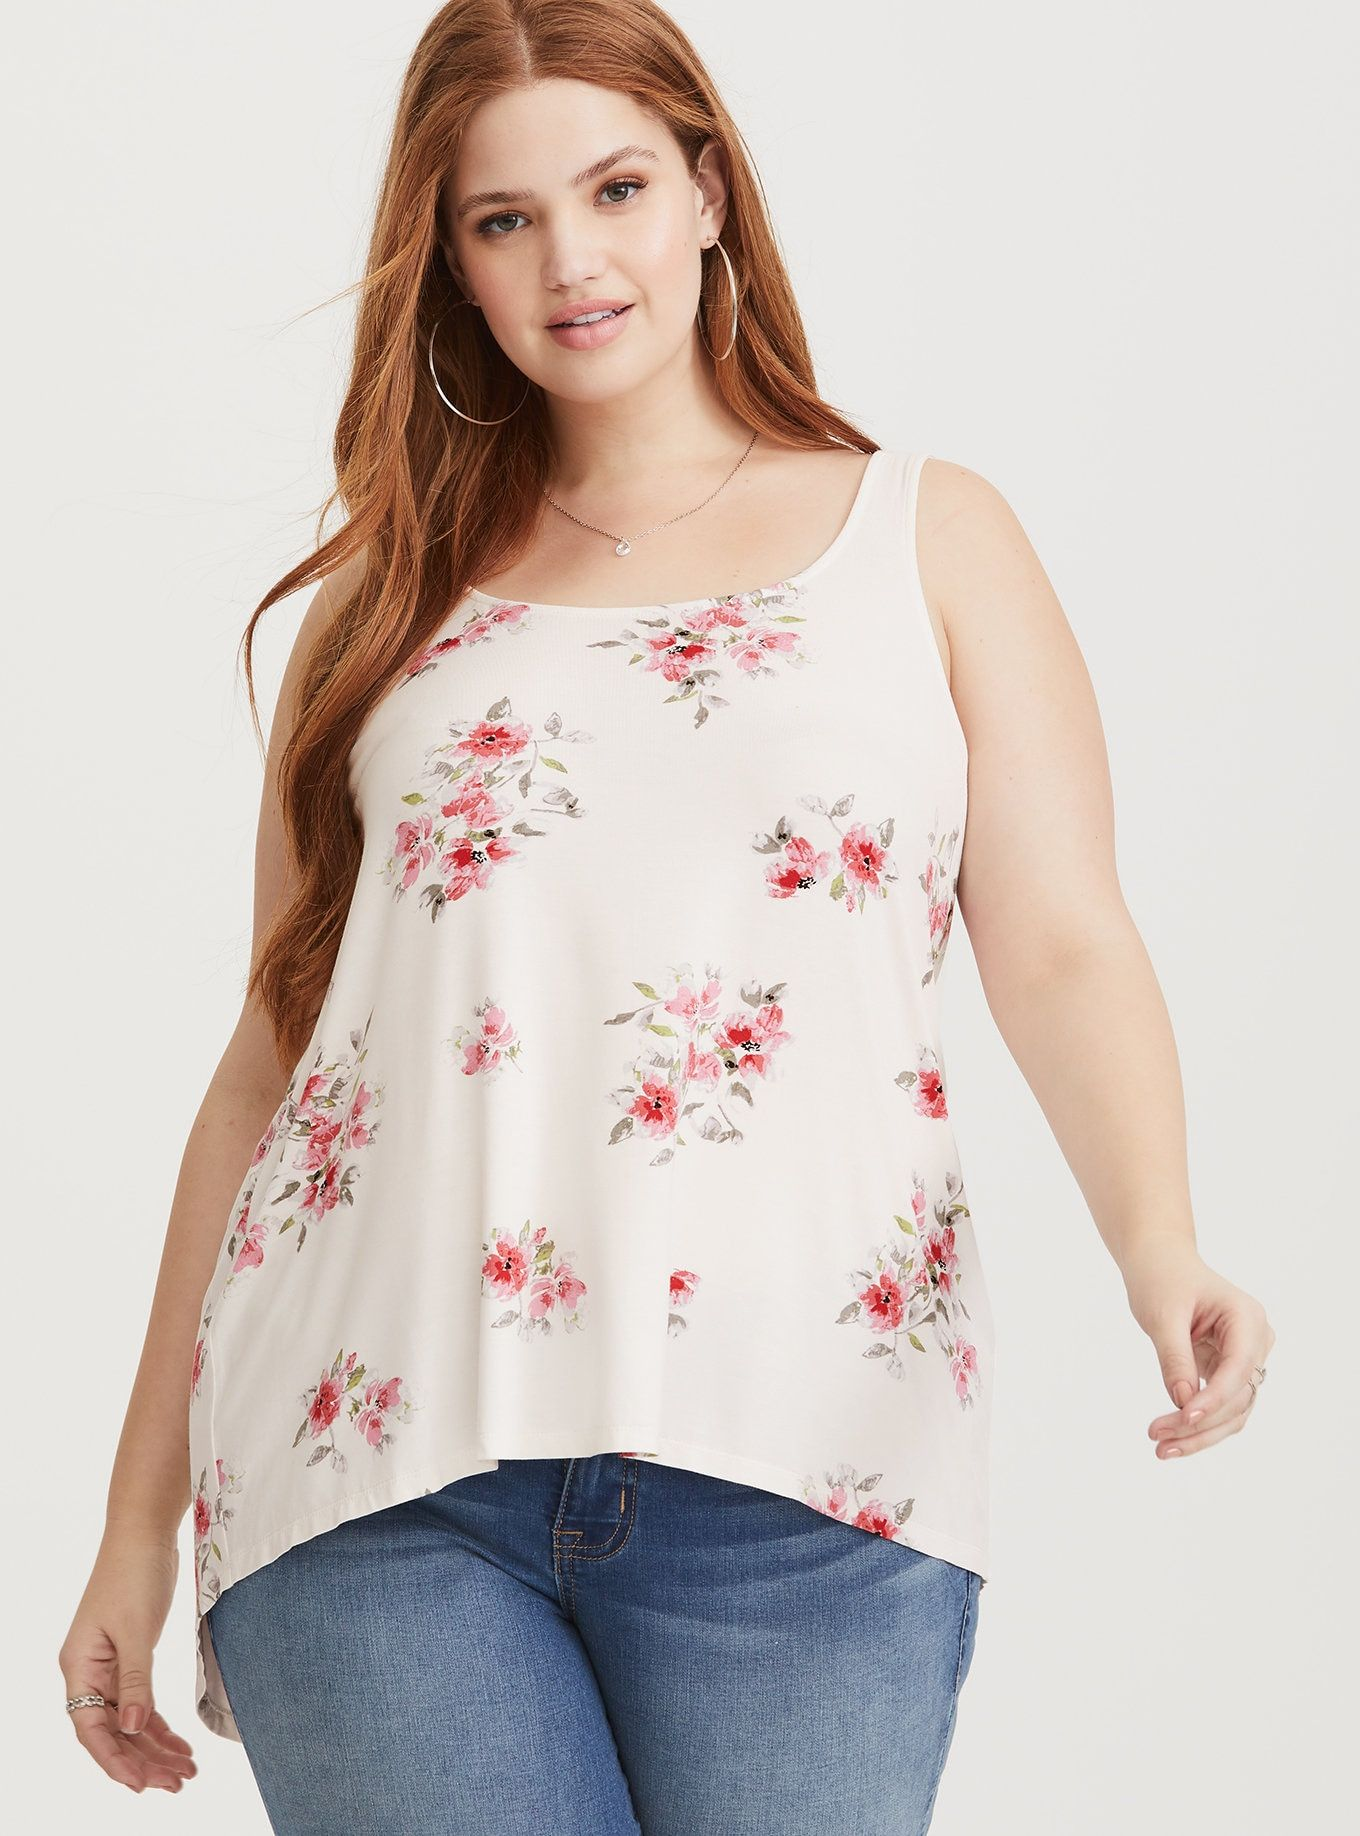 7d7aca97c LargeImages Plus Size Clothing Sale